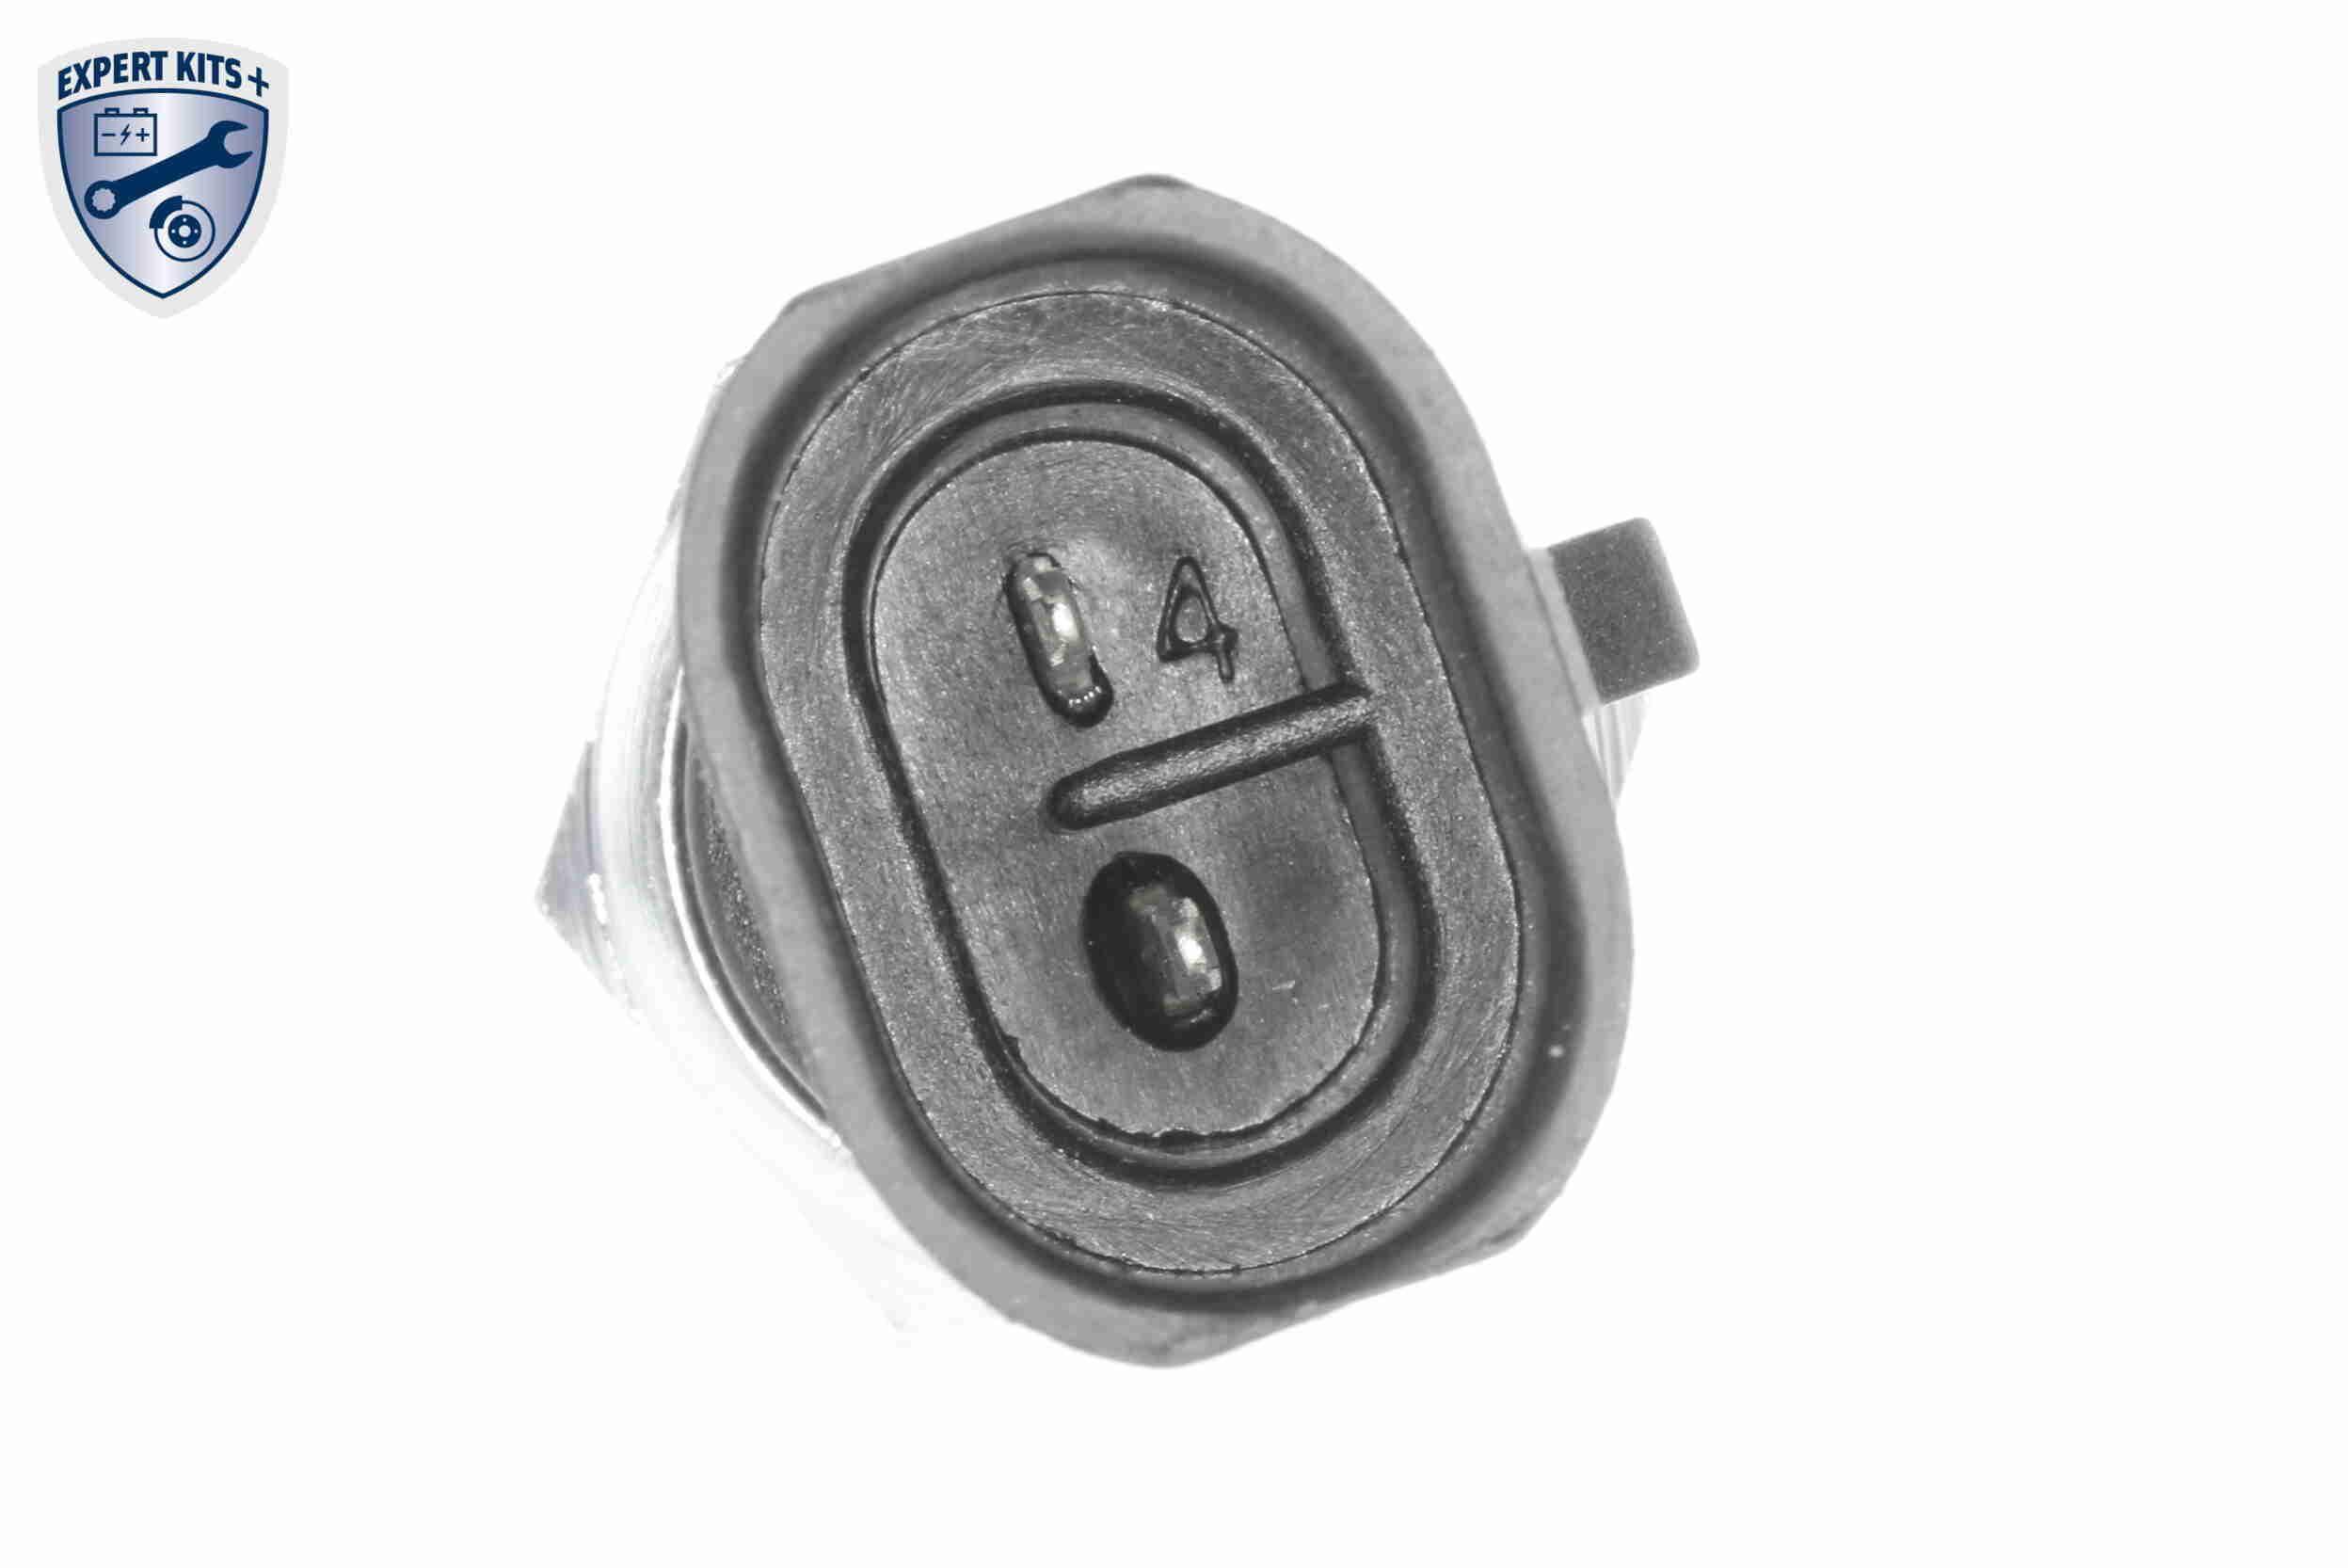 Switch, reverse light VEMO V40-73-0013 rating